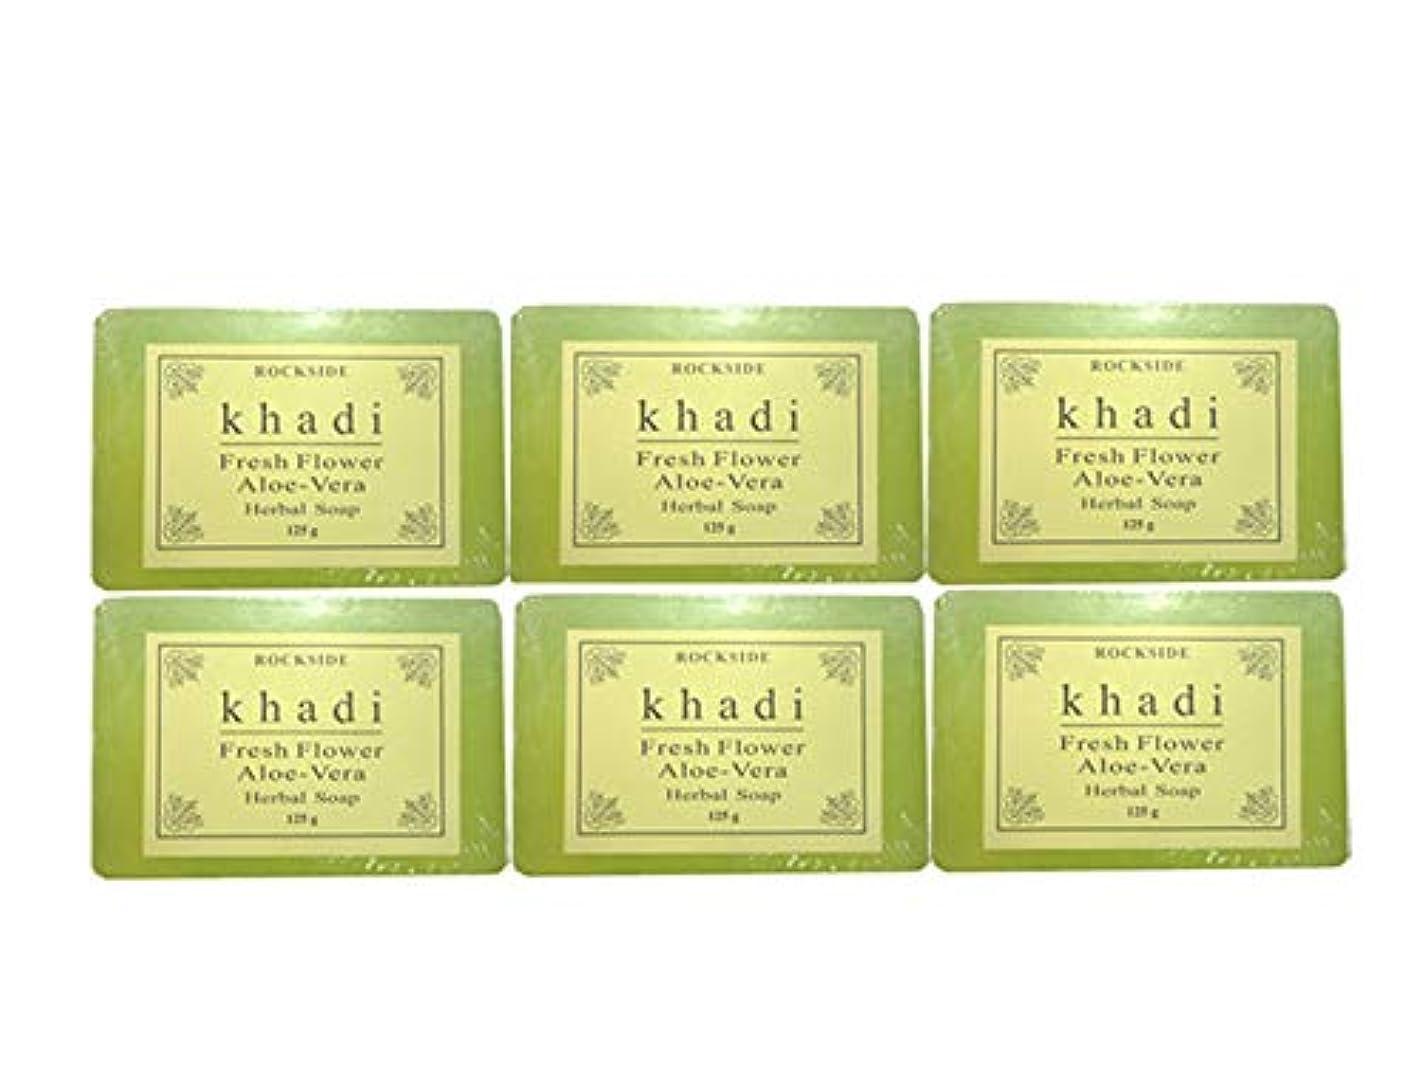 無礼に助けになるマニュアル手作り カーディ フレッシュフラワー2 ハーバルソープ Khadi Fresh Flower Aloe-Vera Herbal Soap 6個SET